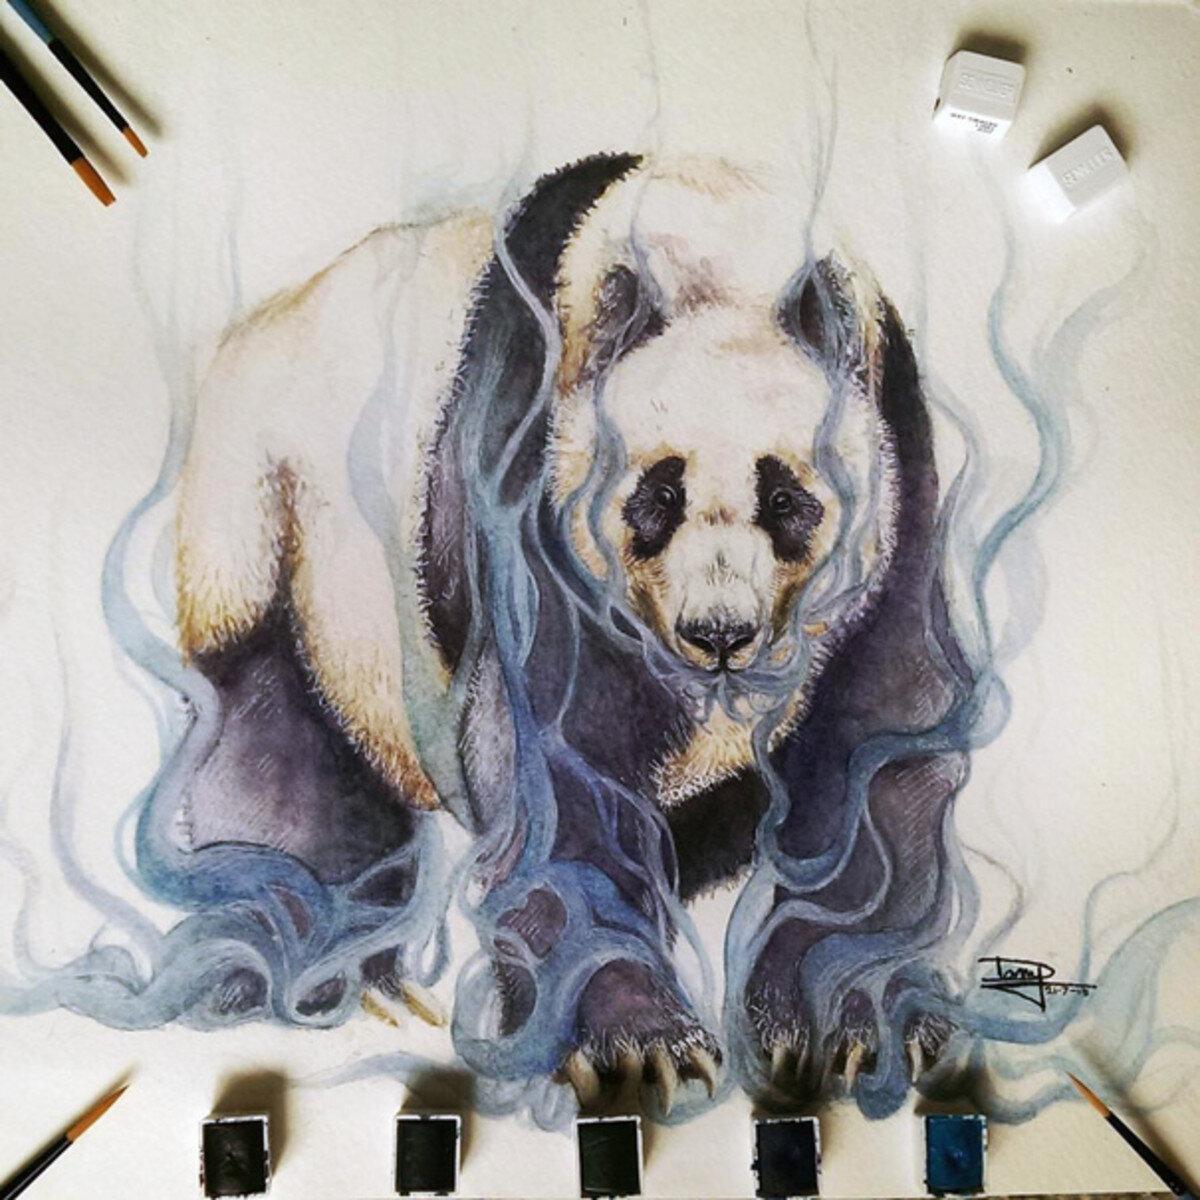 Có cảm giác như đang đối mặt với một chú gấu trúc thật sự khi nhìn vào bức tranh